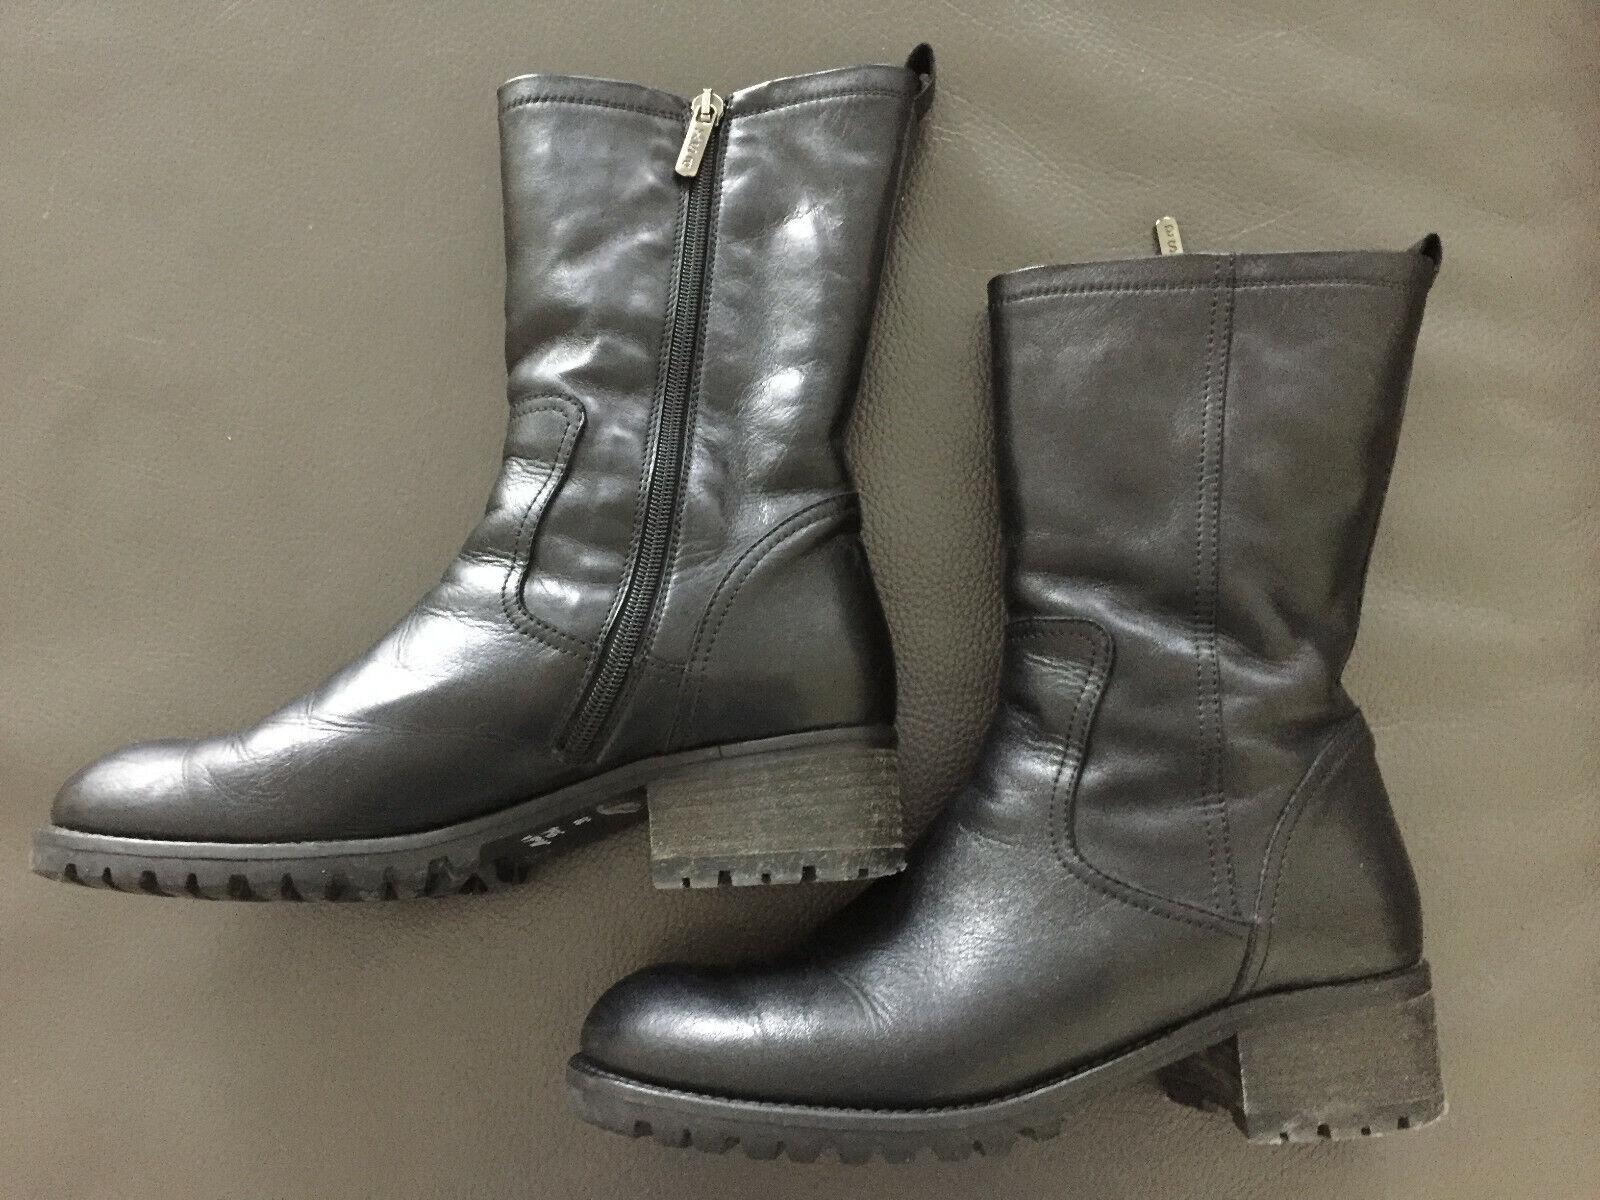 XSA Damen Stiefel, Stiefel, Stiefelette, Schuhe, Größe 38, schwarz, Leder